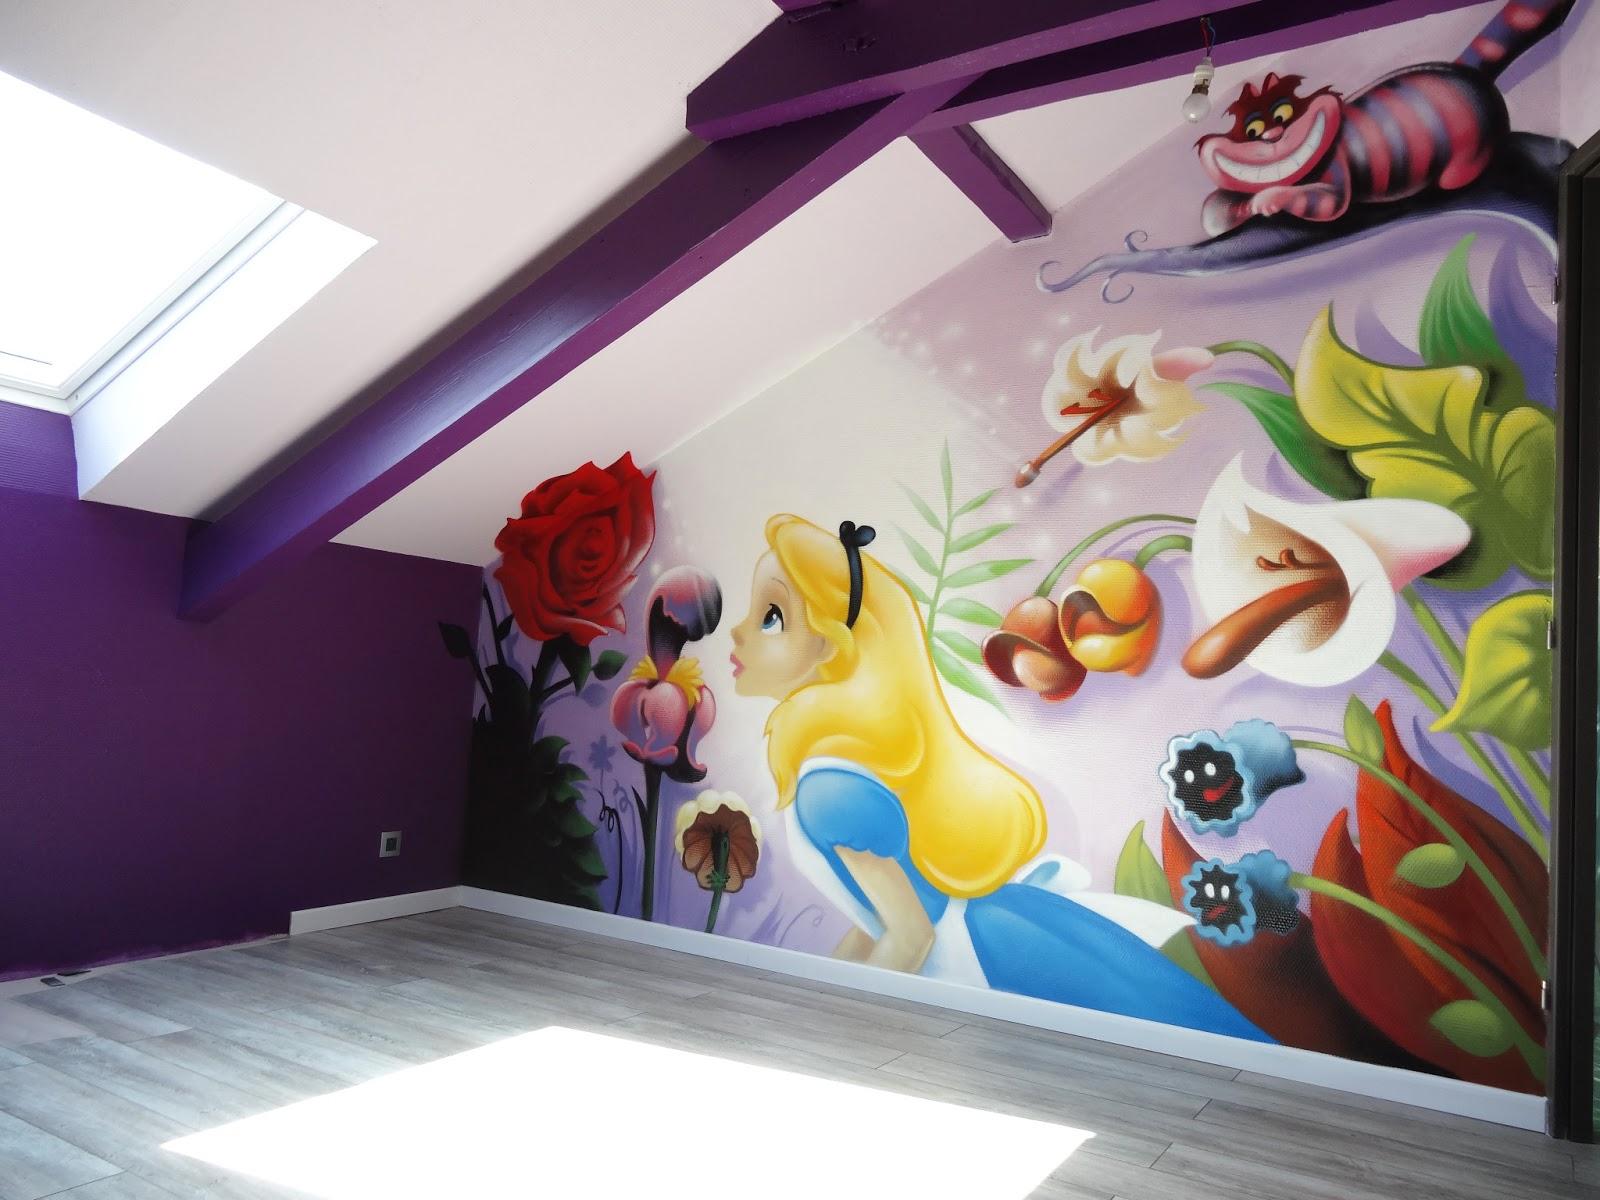 Gimus d coration chambre d 39 enfant graffiti alice au pays des merveilles - Decoration chambre psychedelique ...